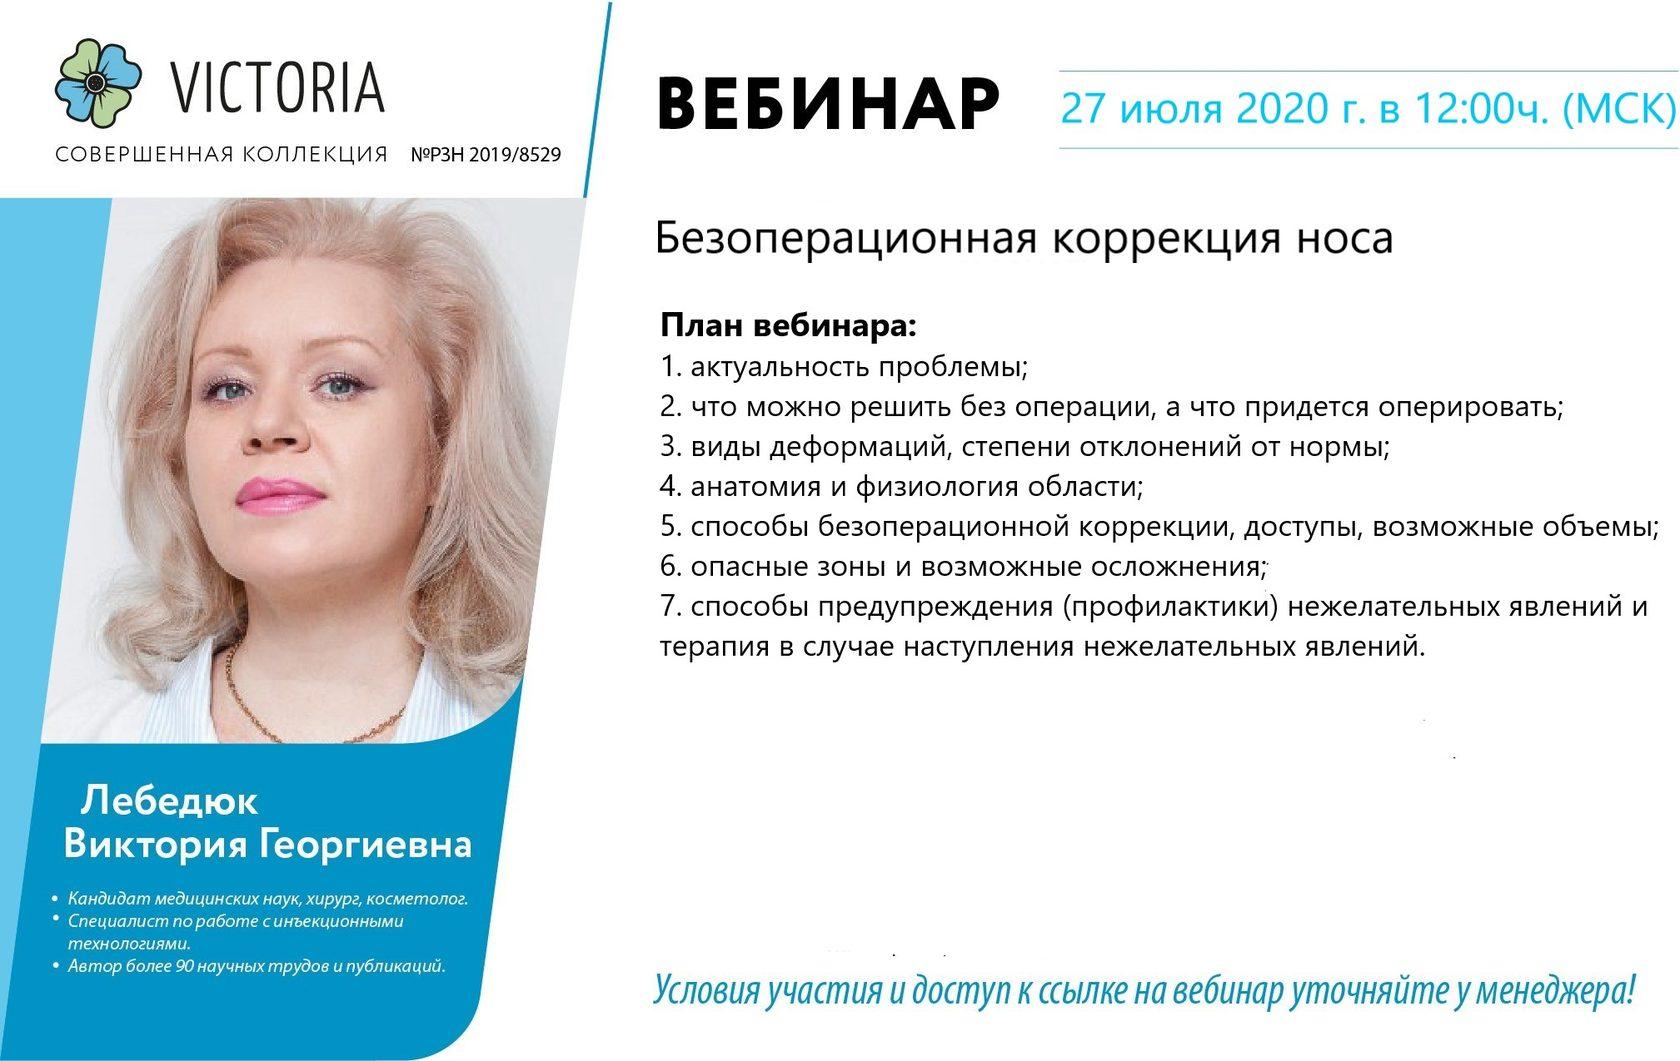 Лебедюк Виктория Георгиевна